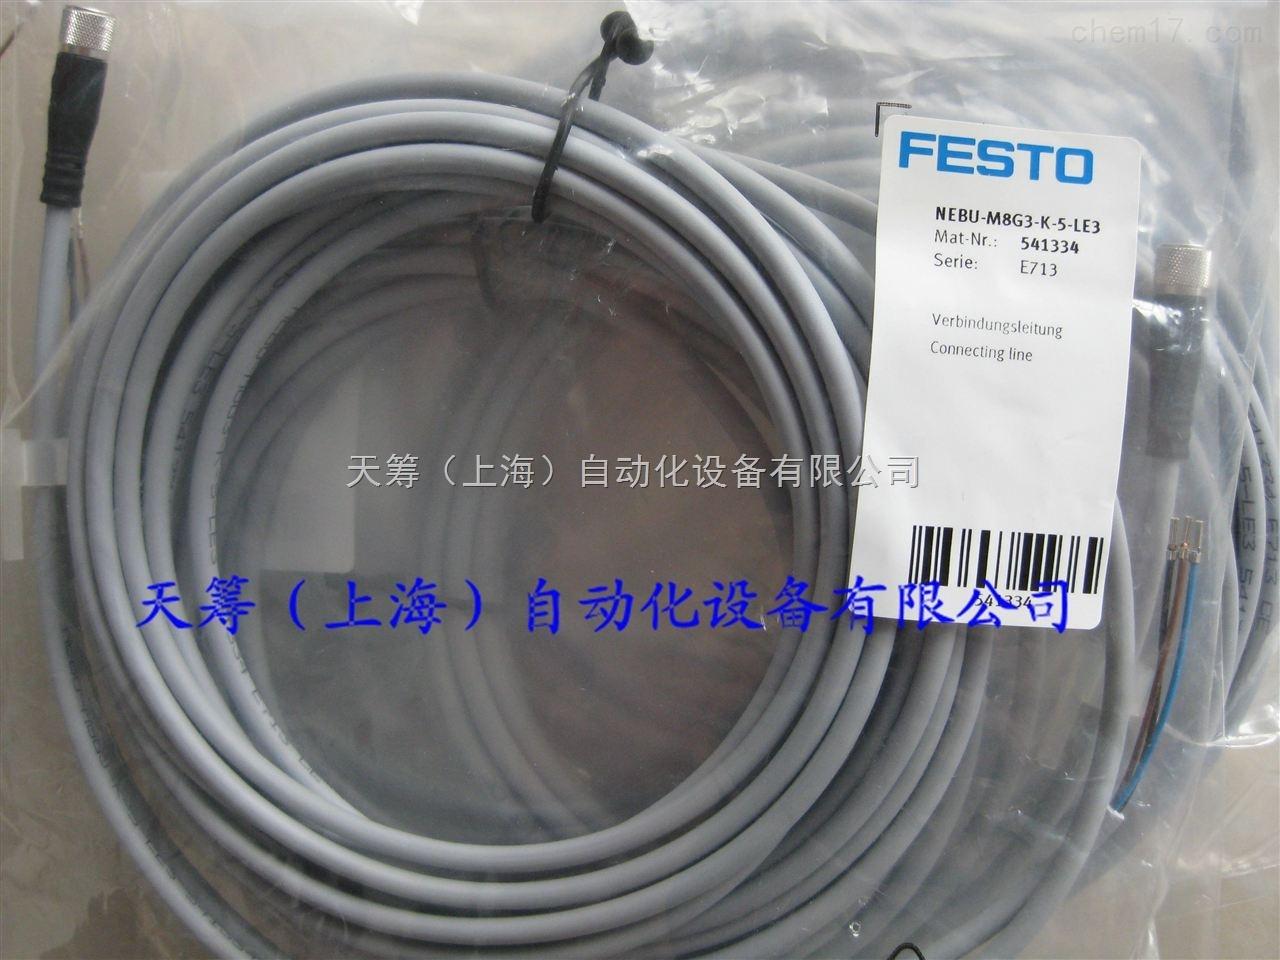 FESTO连接电缆NEBU-M8G3-K-5-LE3